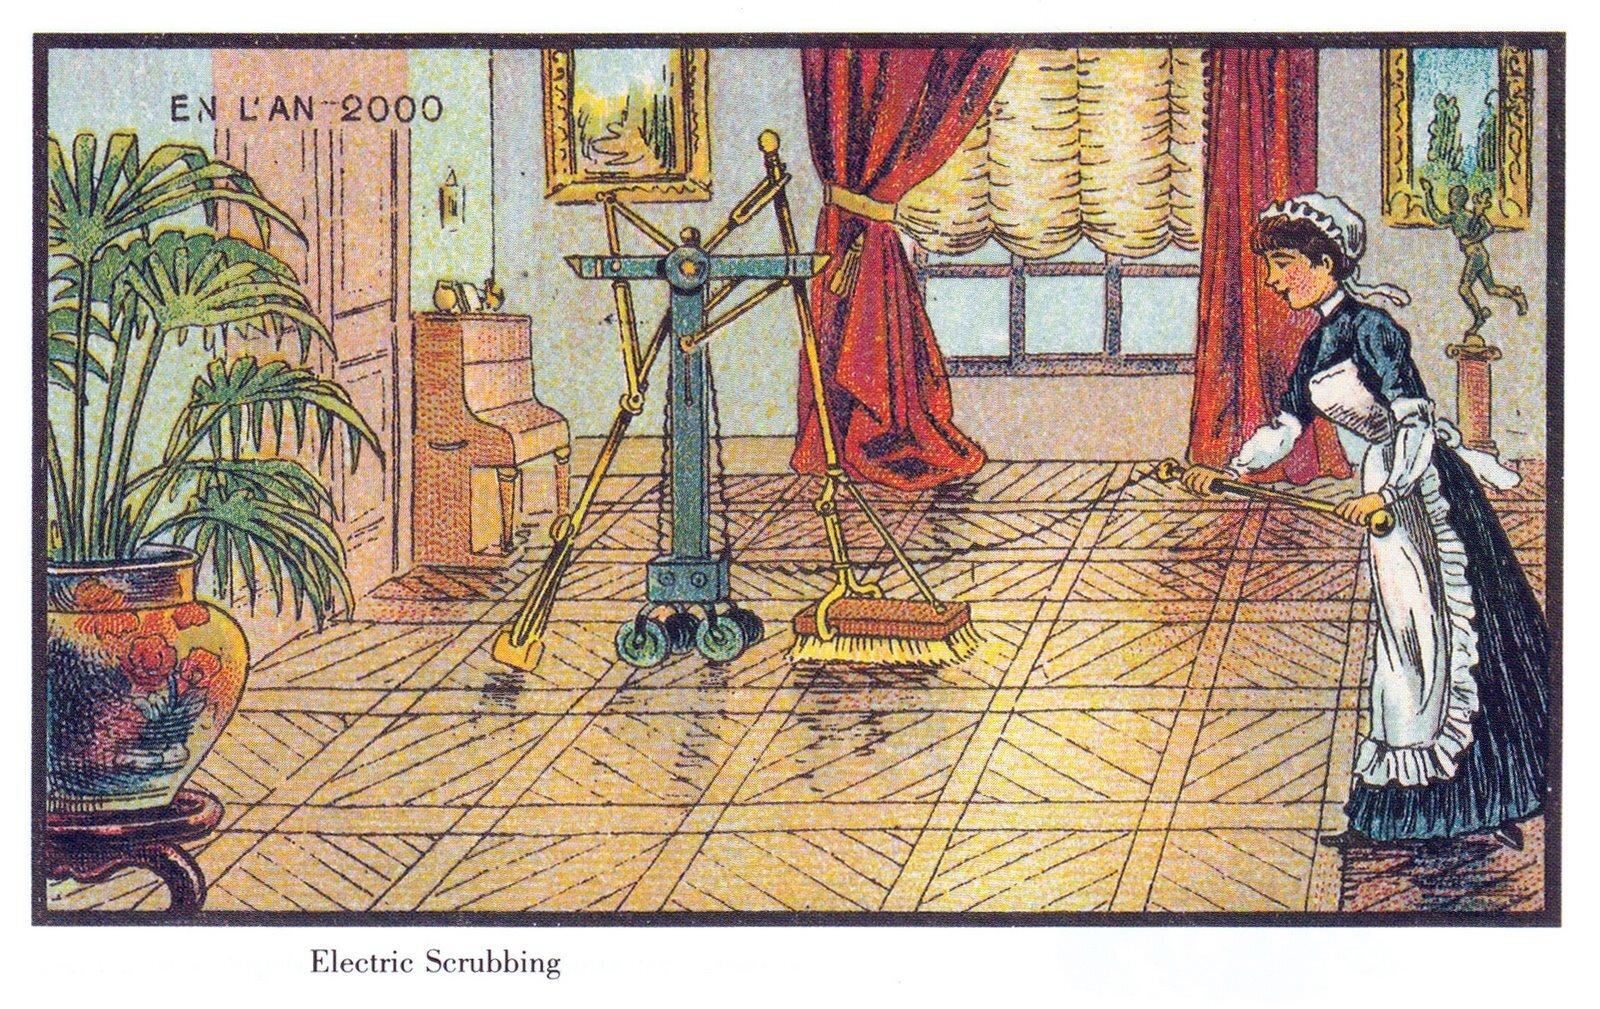 Francja wroku 2000. Elektryczna froterka Źródło: Jean Marc Cote, Francja wroku 2000. Elektryczna froterka, 1899, domena publiczna.